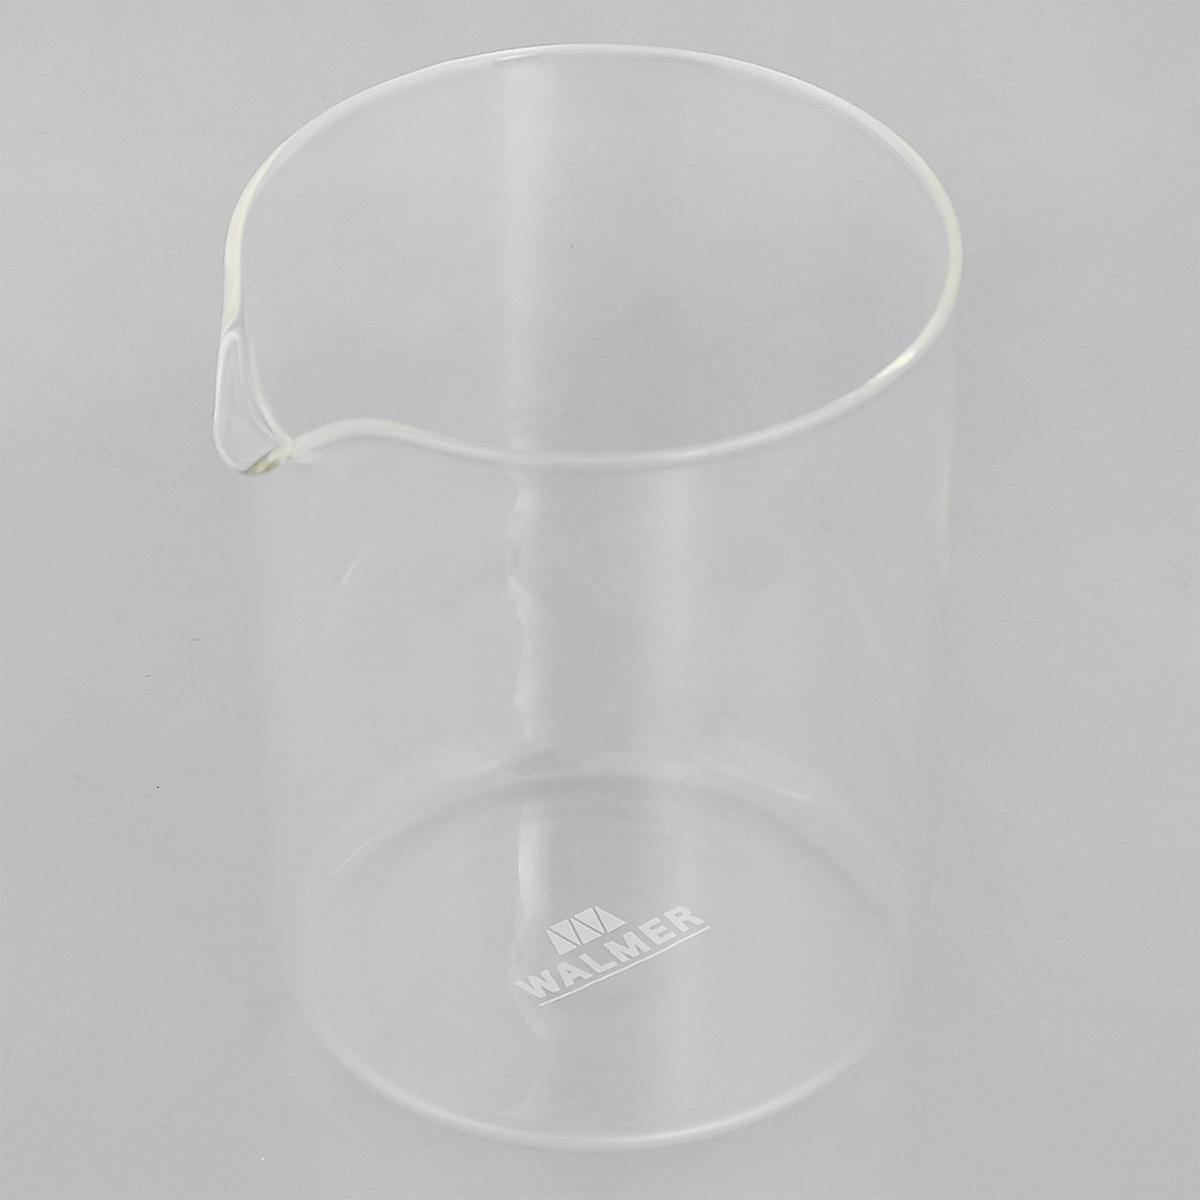 Колба для кофейников Walmer, 500 мл колба walmer для кофейников 350мл стекло